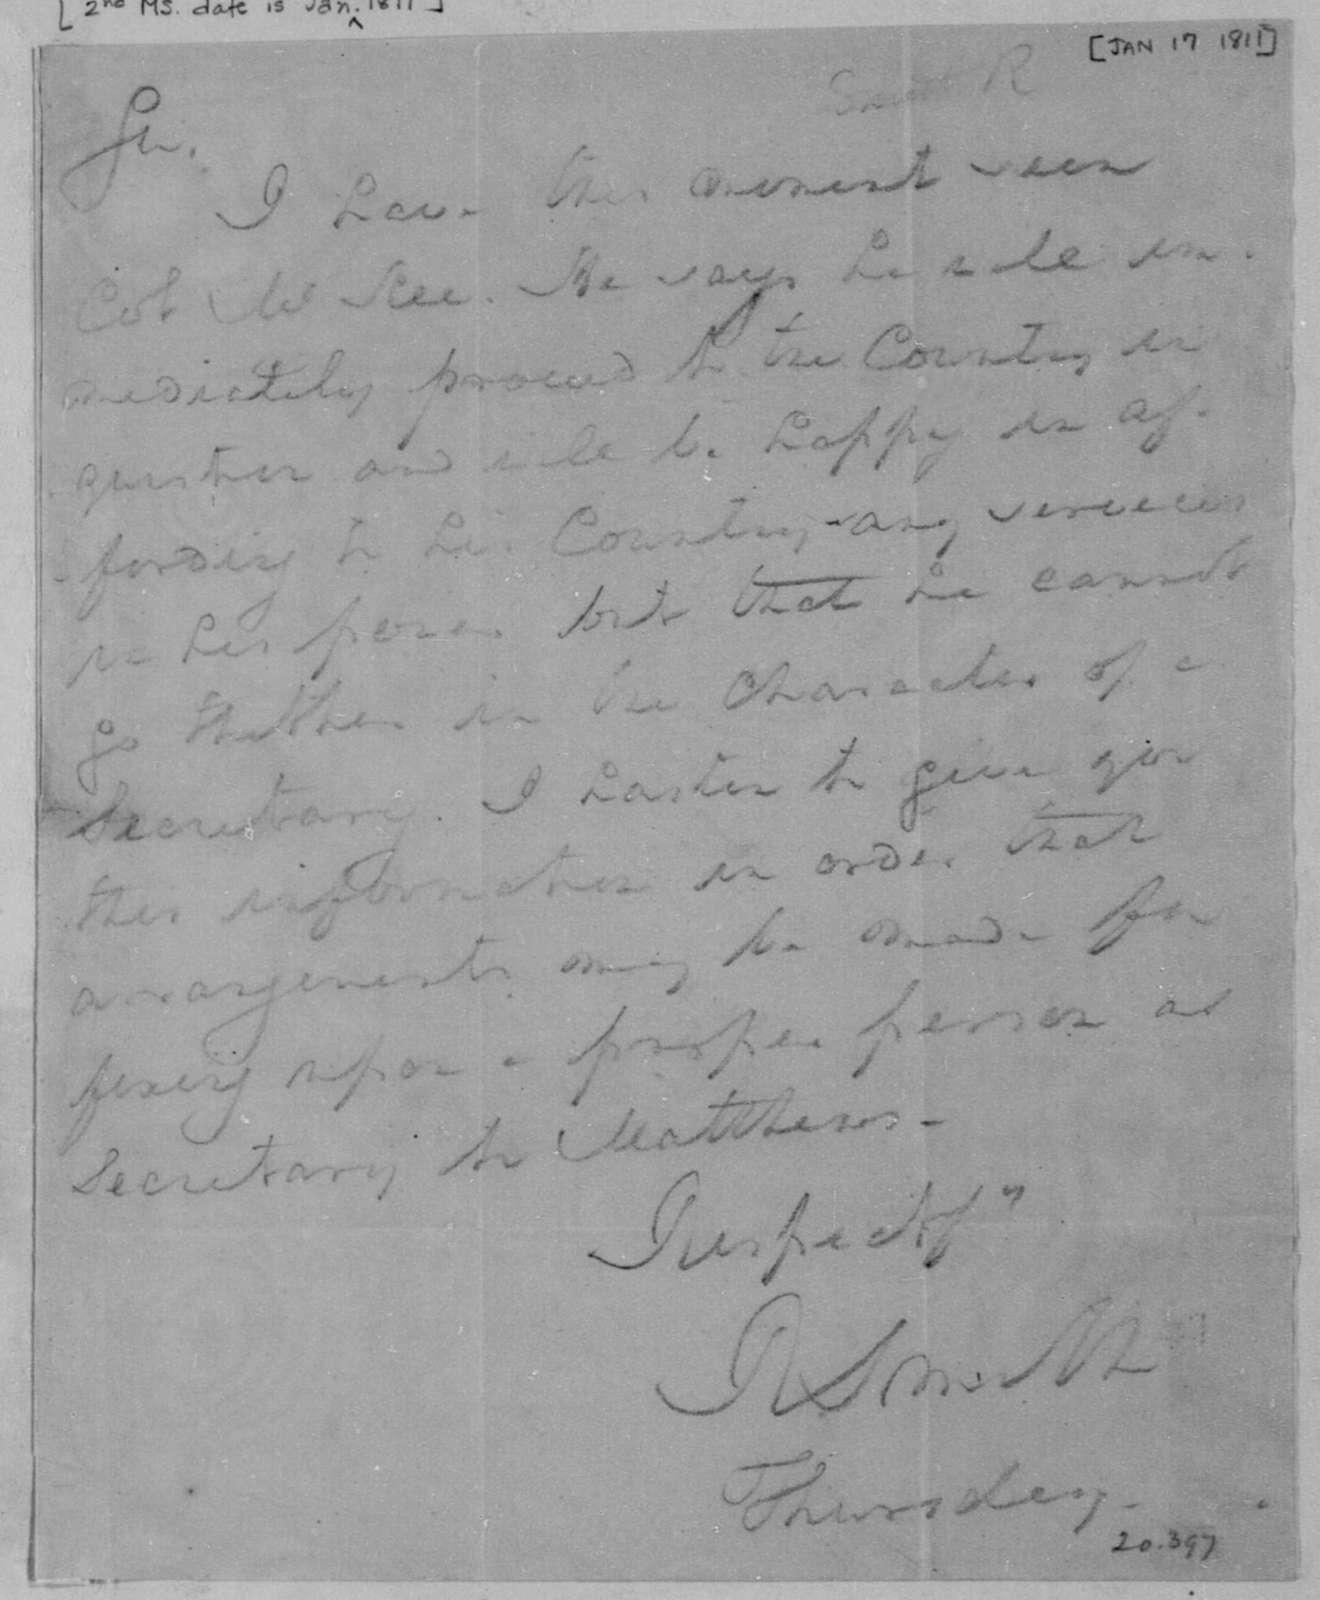 Robert Smith to James Madison, January 17, 1811.